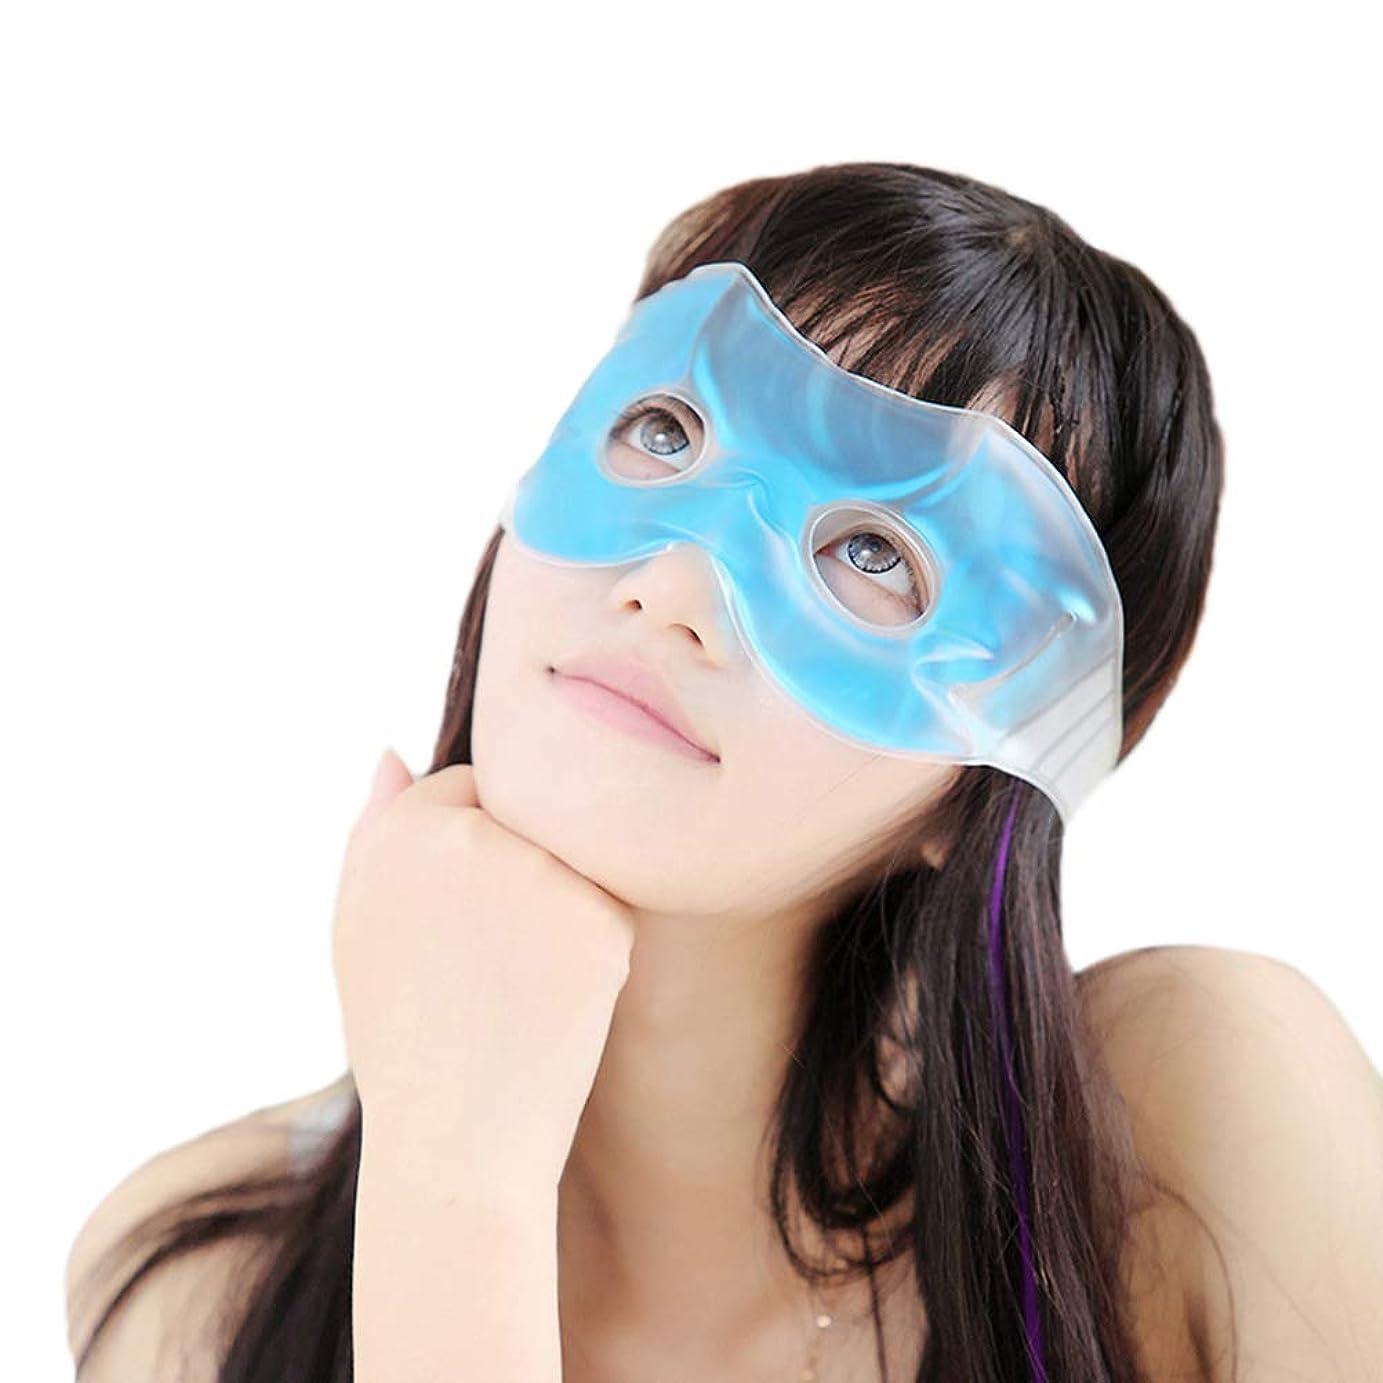 悲しみ傾向があるモジュールHeallilyアイスアイマスク睡眠アイスパッチ冷却リラックスブラインド快適なパッチ用アイパフネスダークサークル